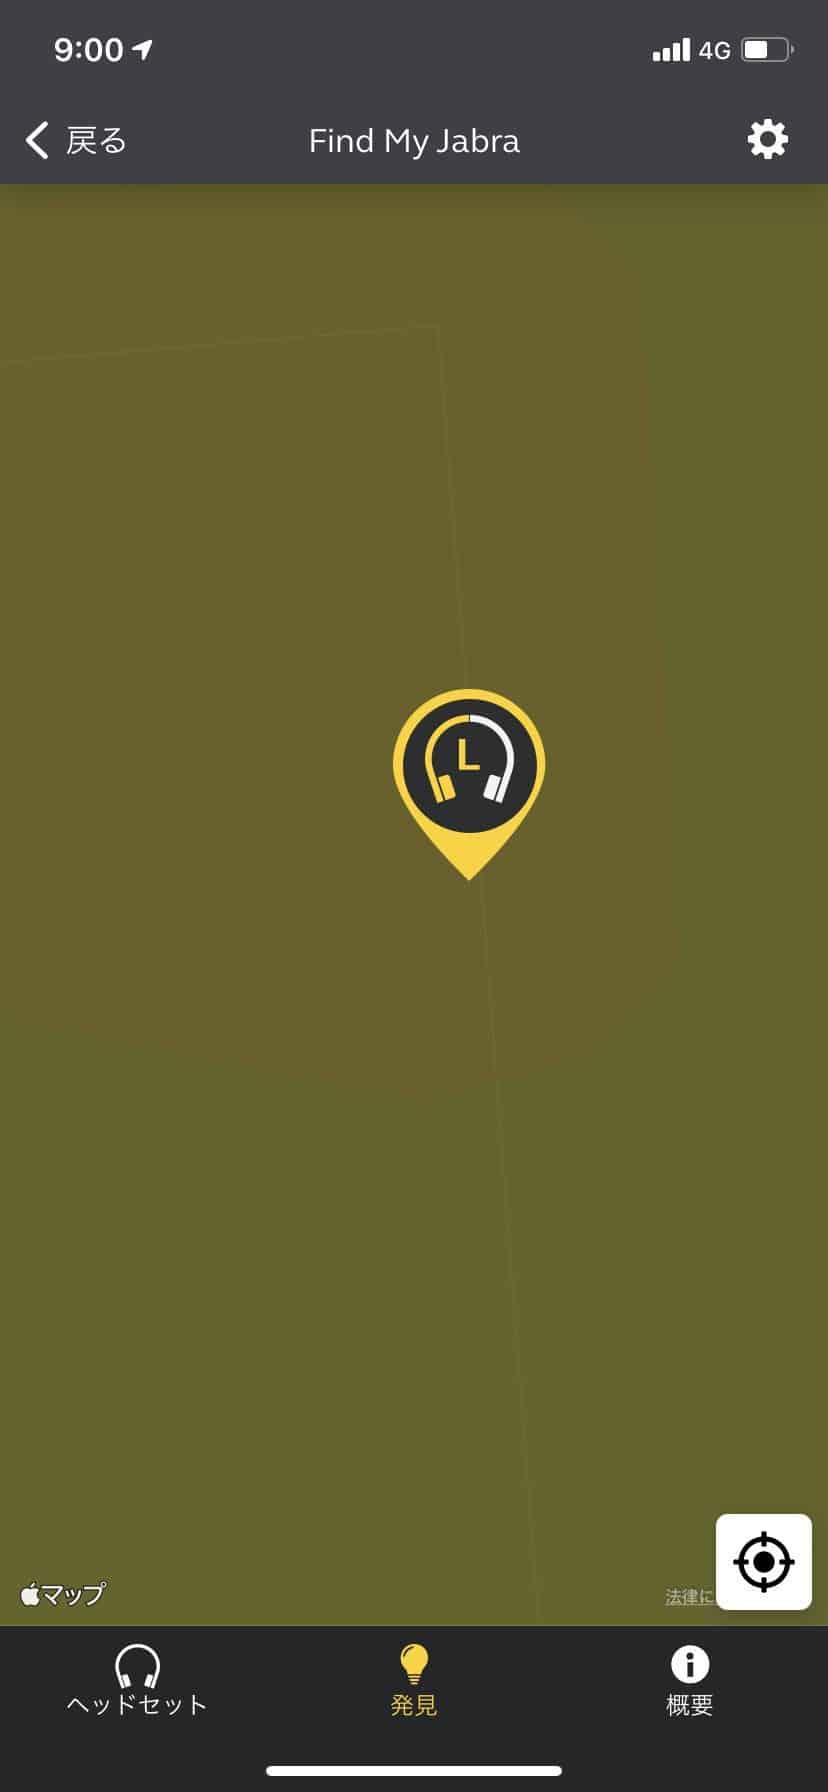 Find My Jabraで地図上のイヤホンの位置を確認